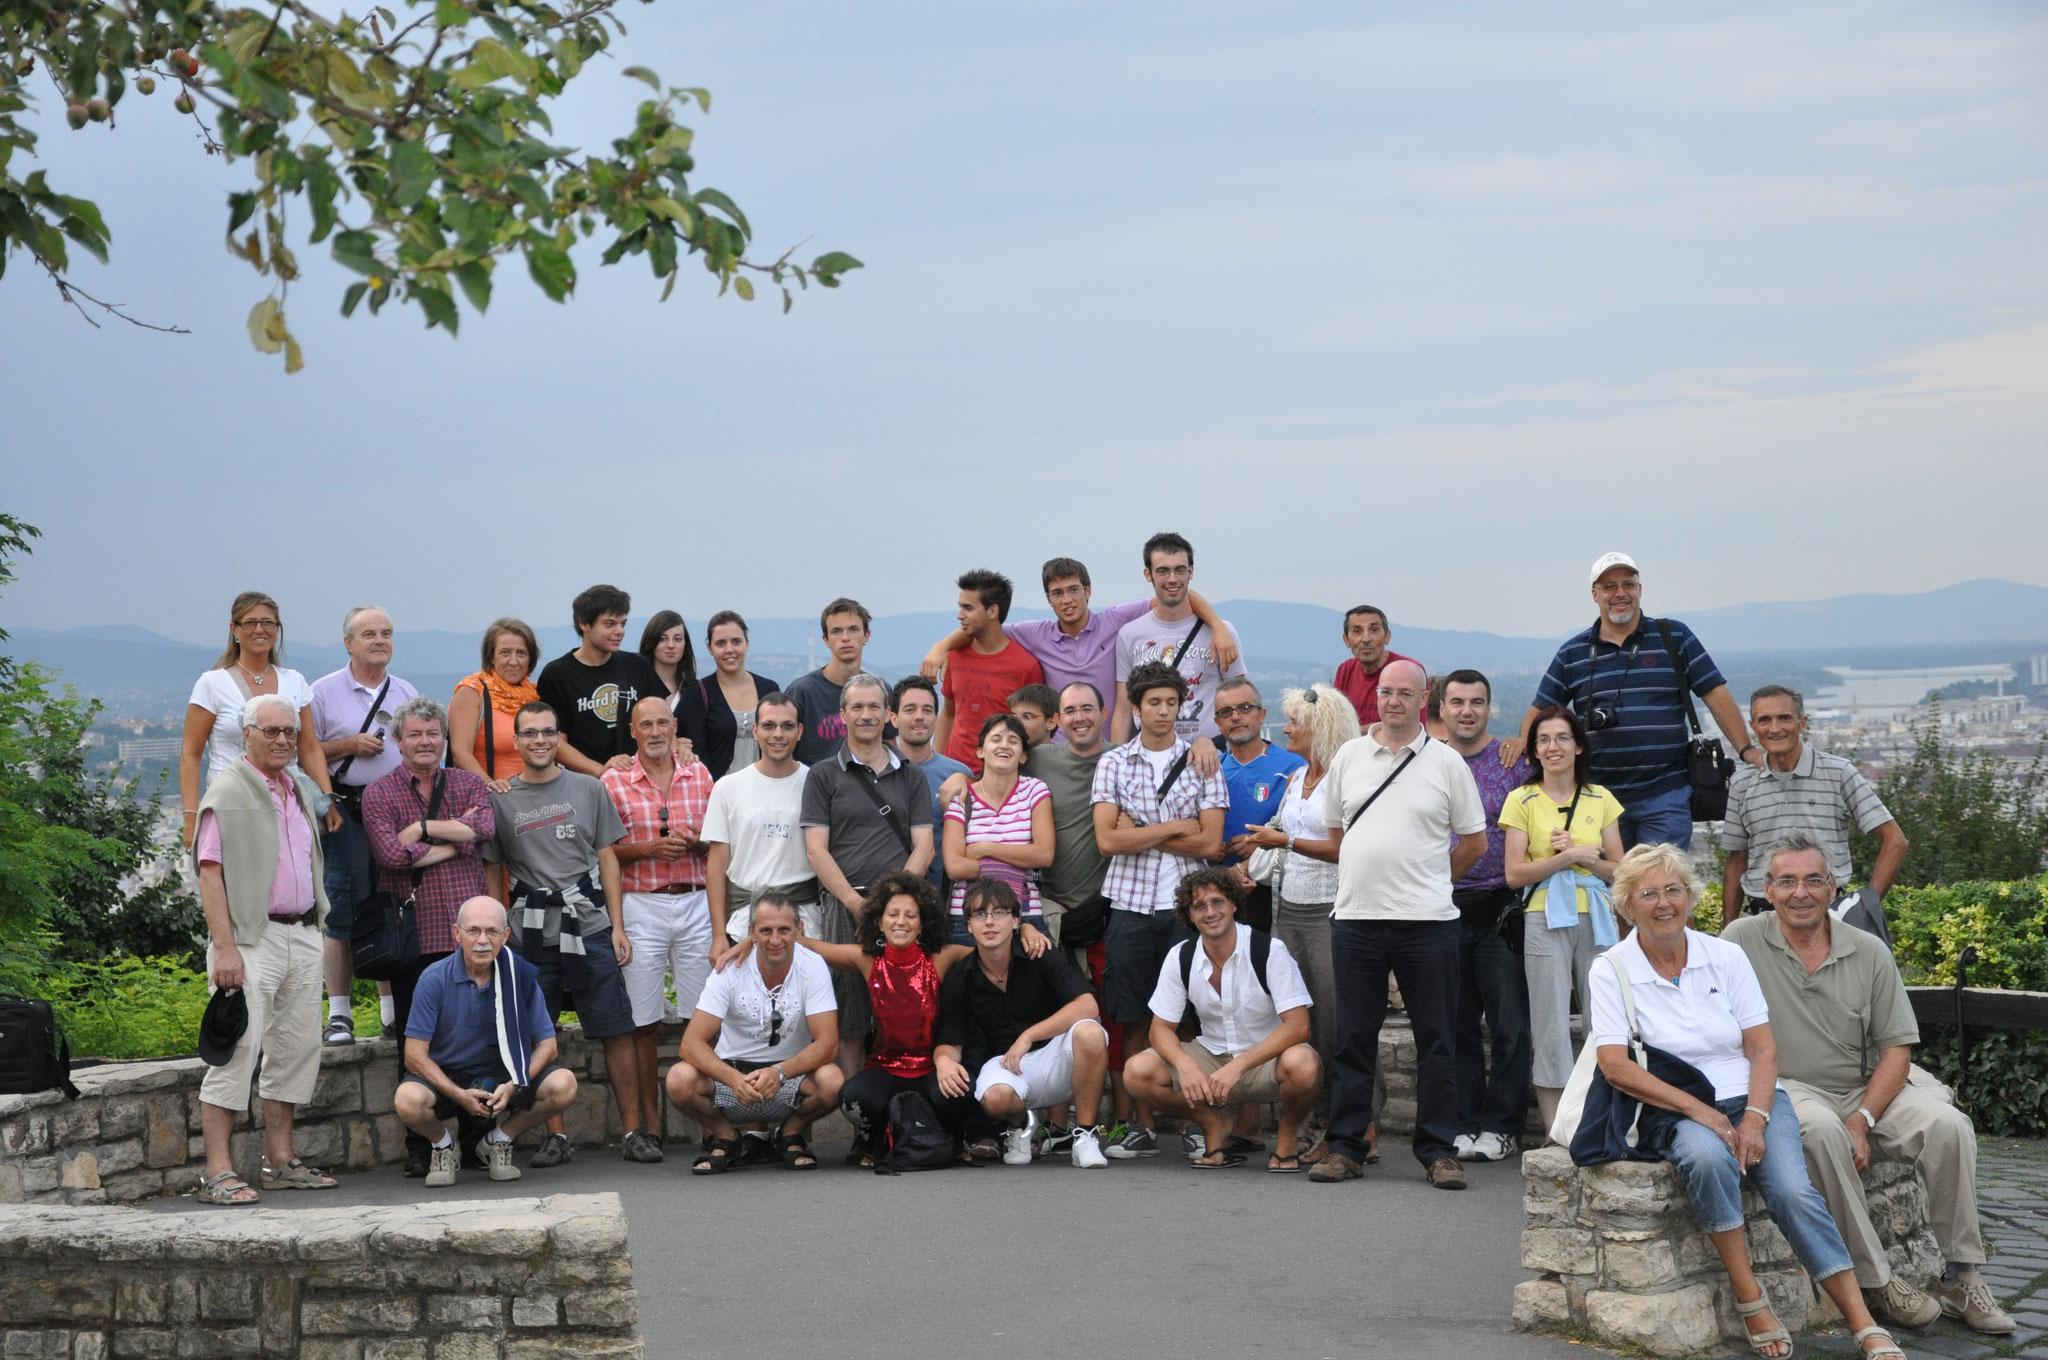 2010 Trasferta in Ungheria